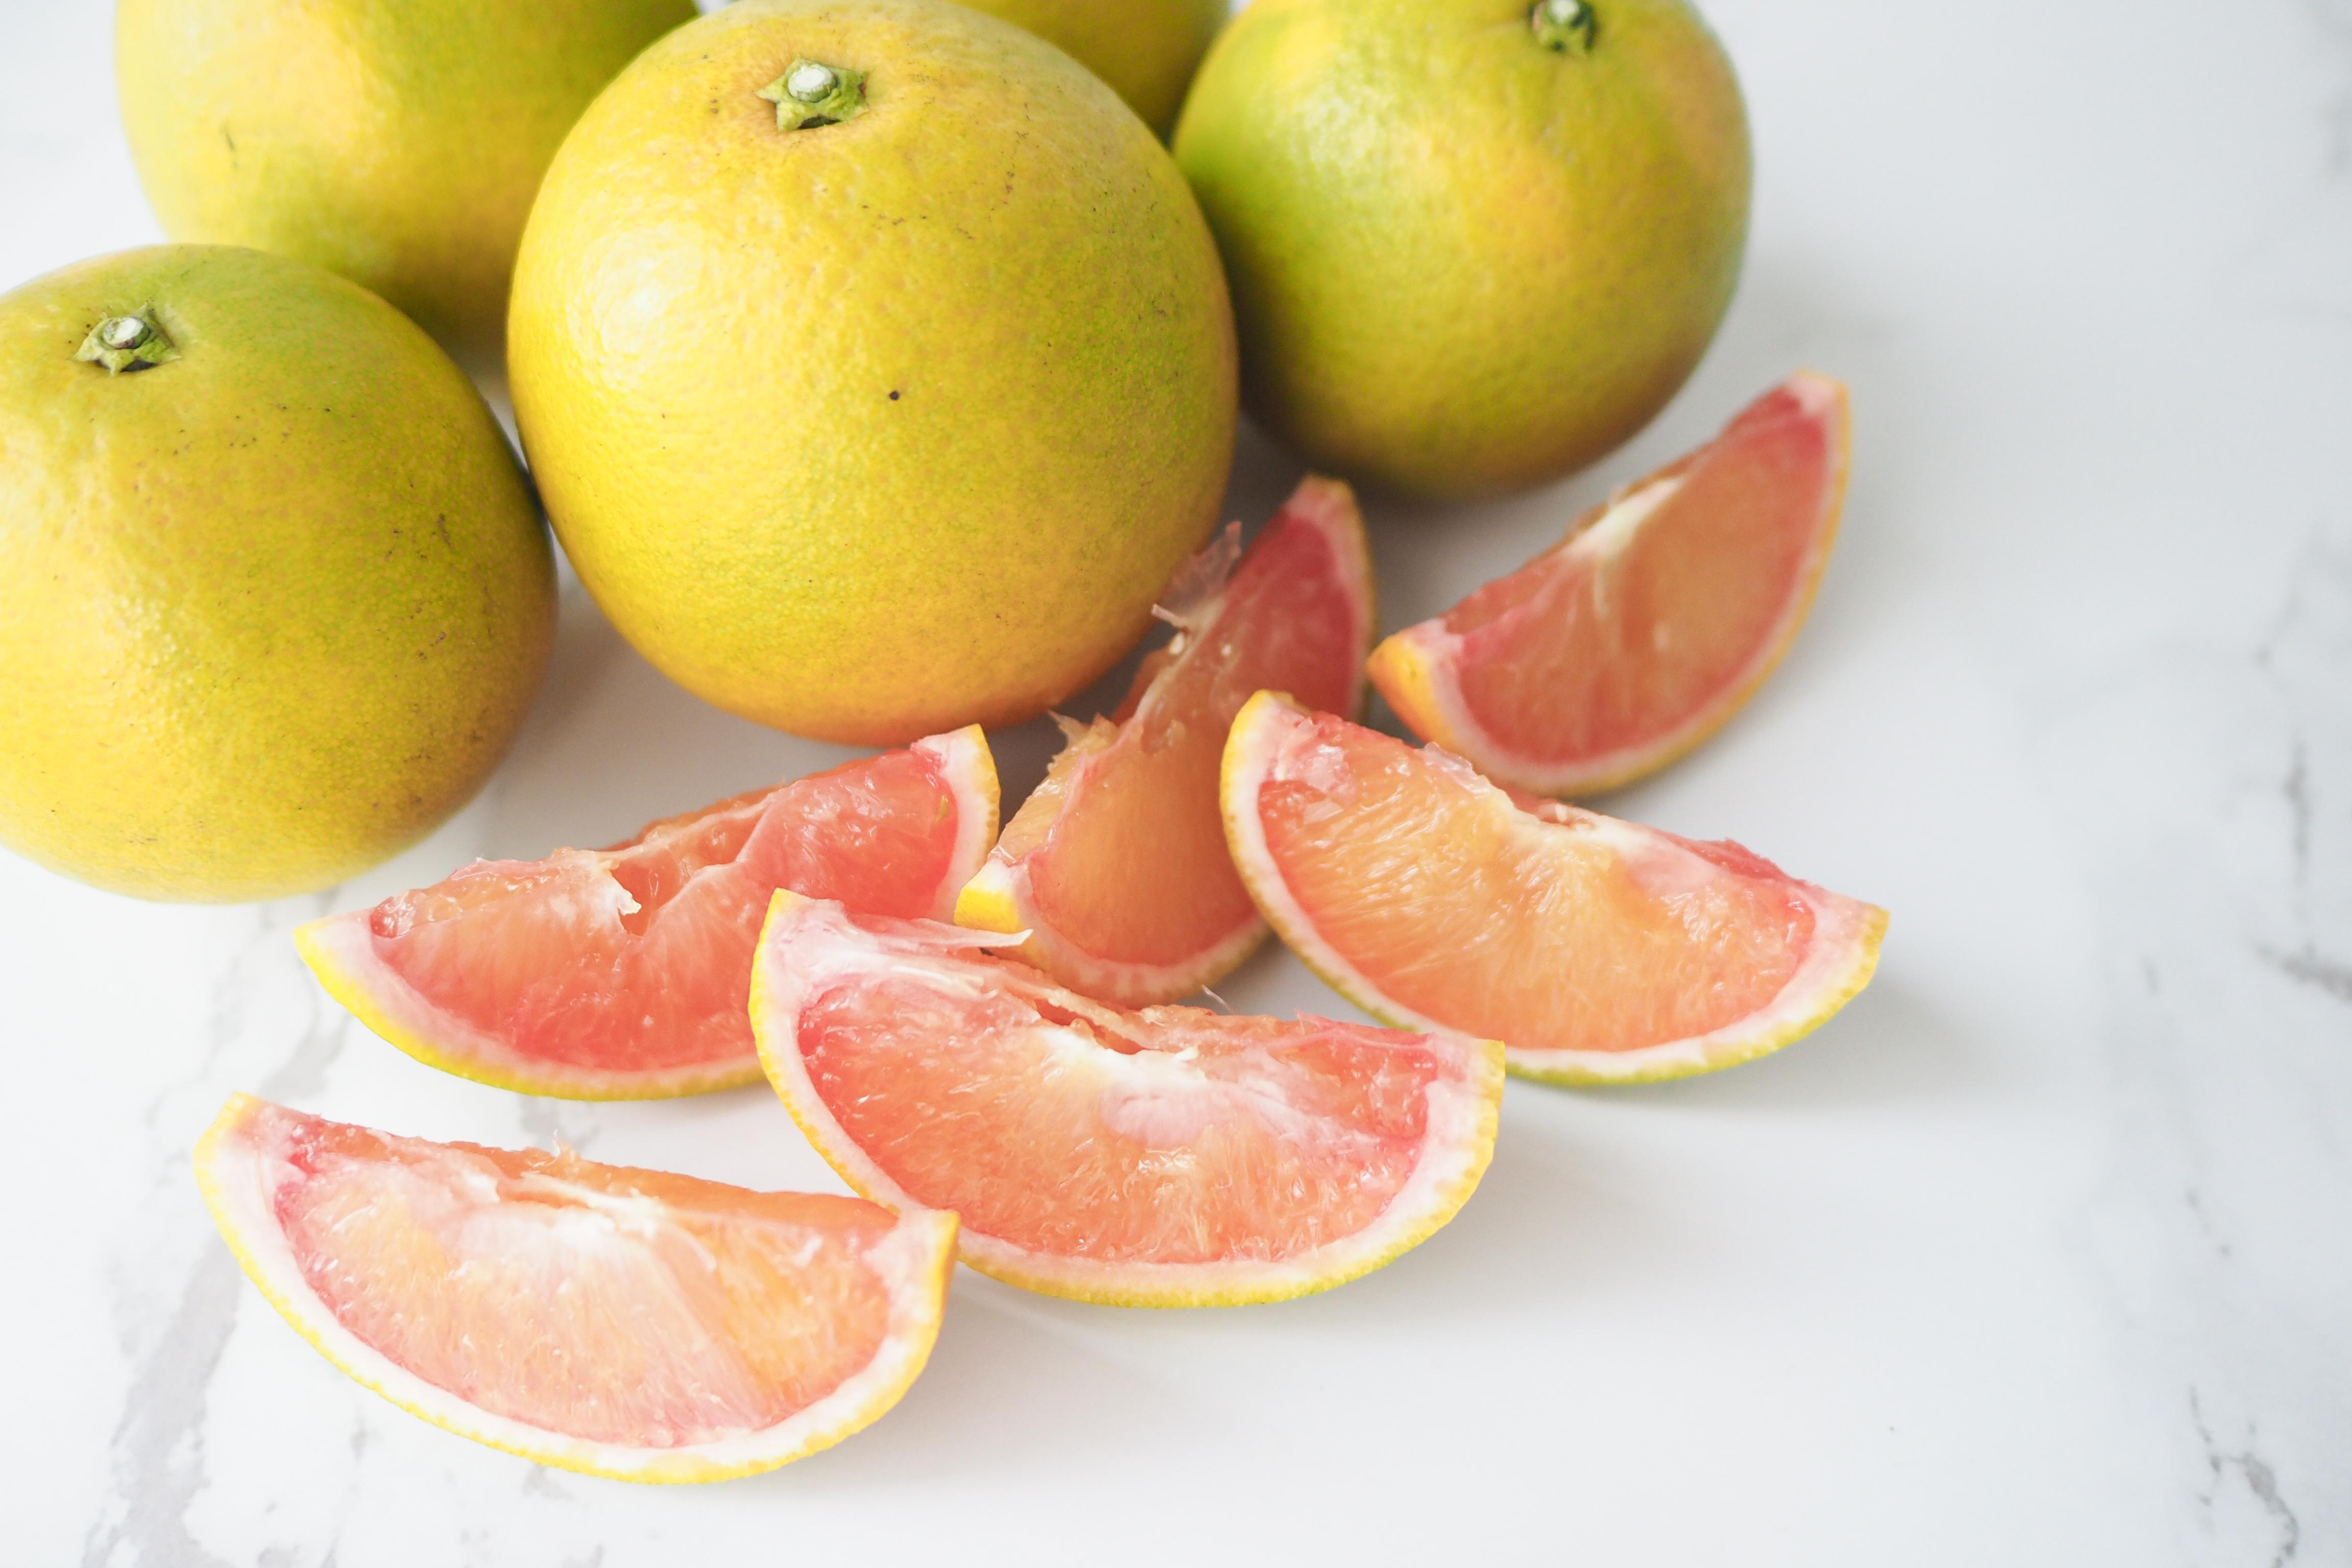 血橙果肉偏紅